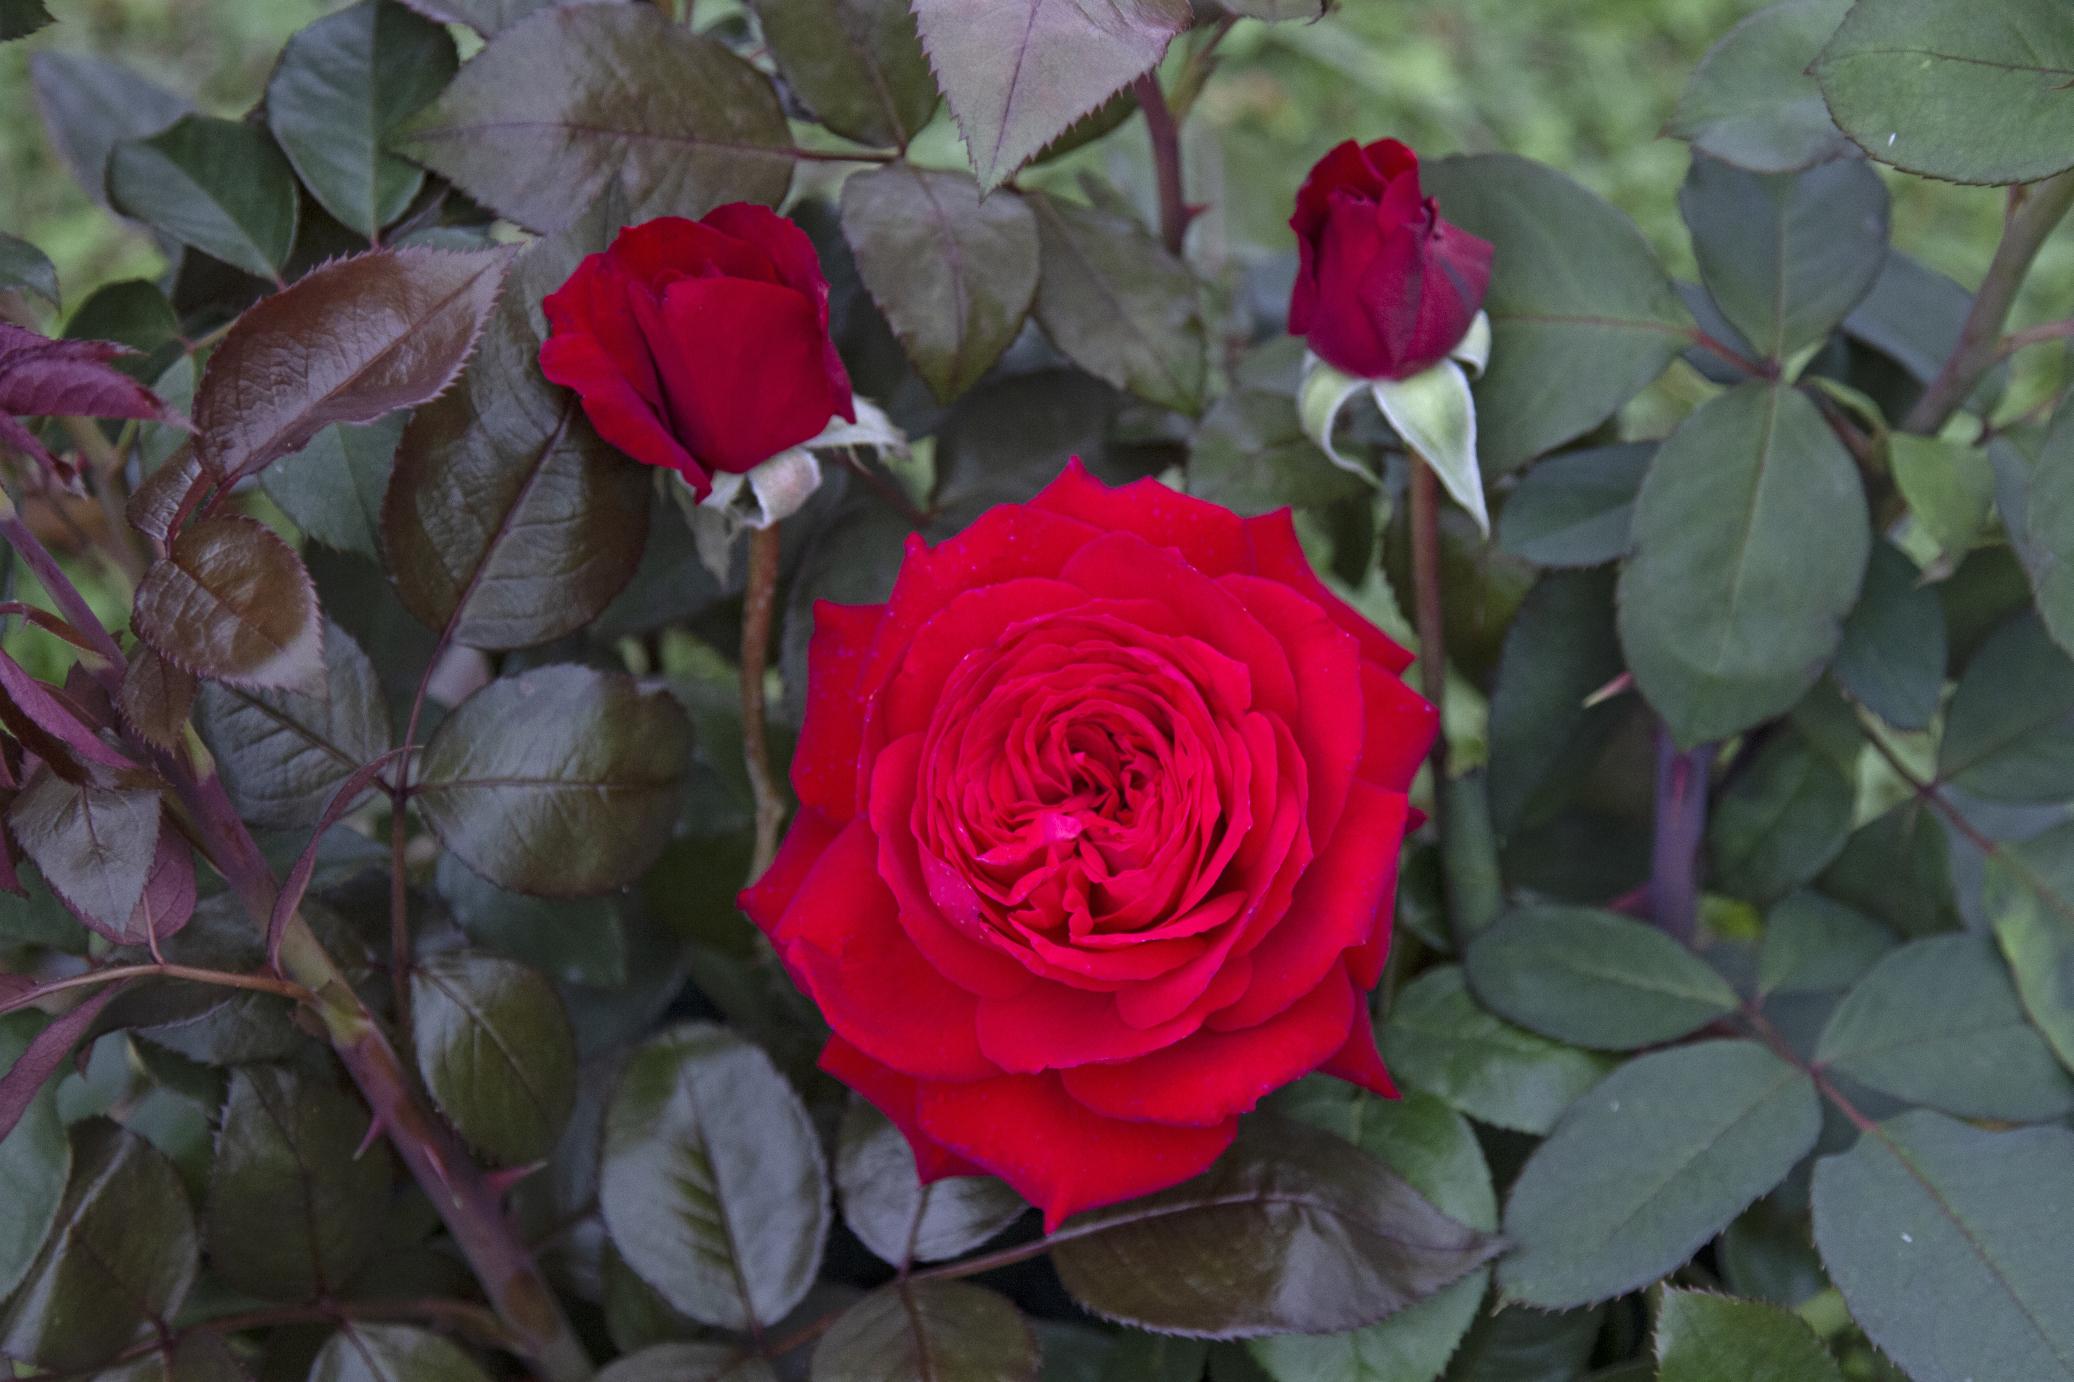 Rosa primo bacio